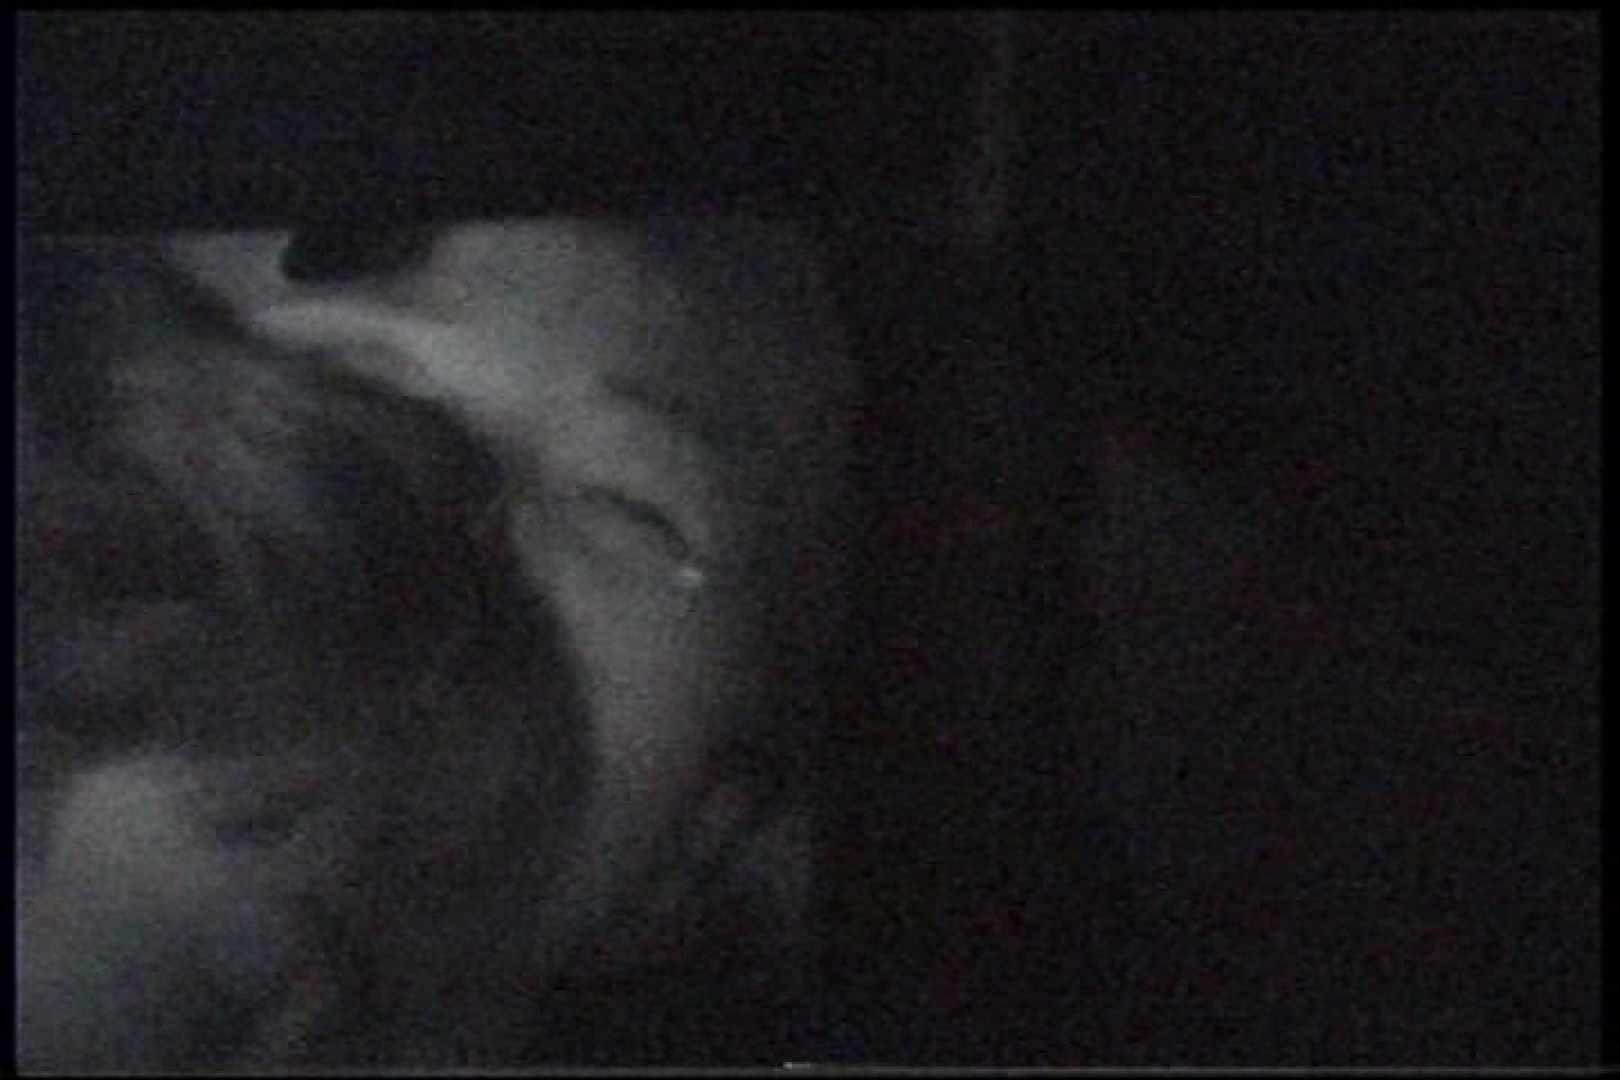 充血監督の深夜の運動会Vol.238 プライベート | 美しいOLの裸体  105pic 57